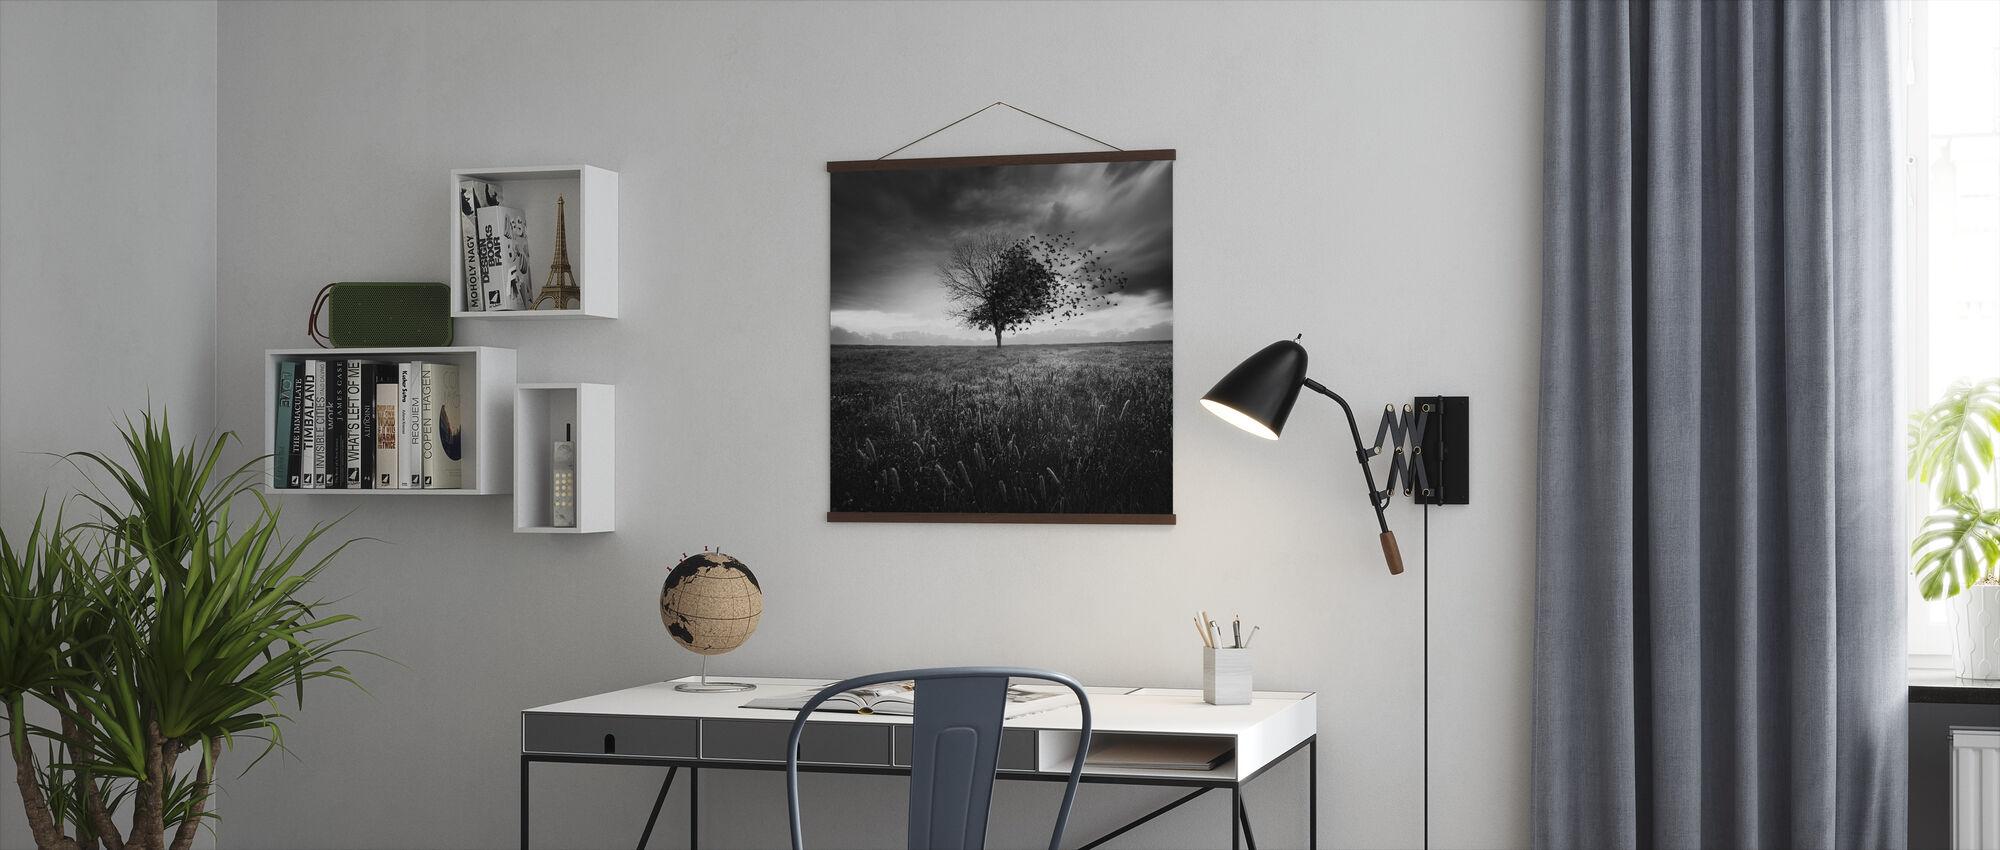 Illusie van een verloren veer - Poster - Kantoor